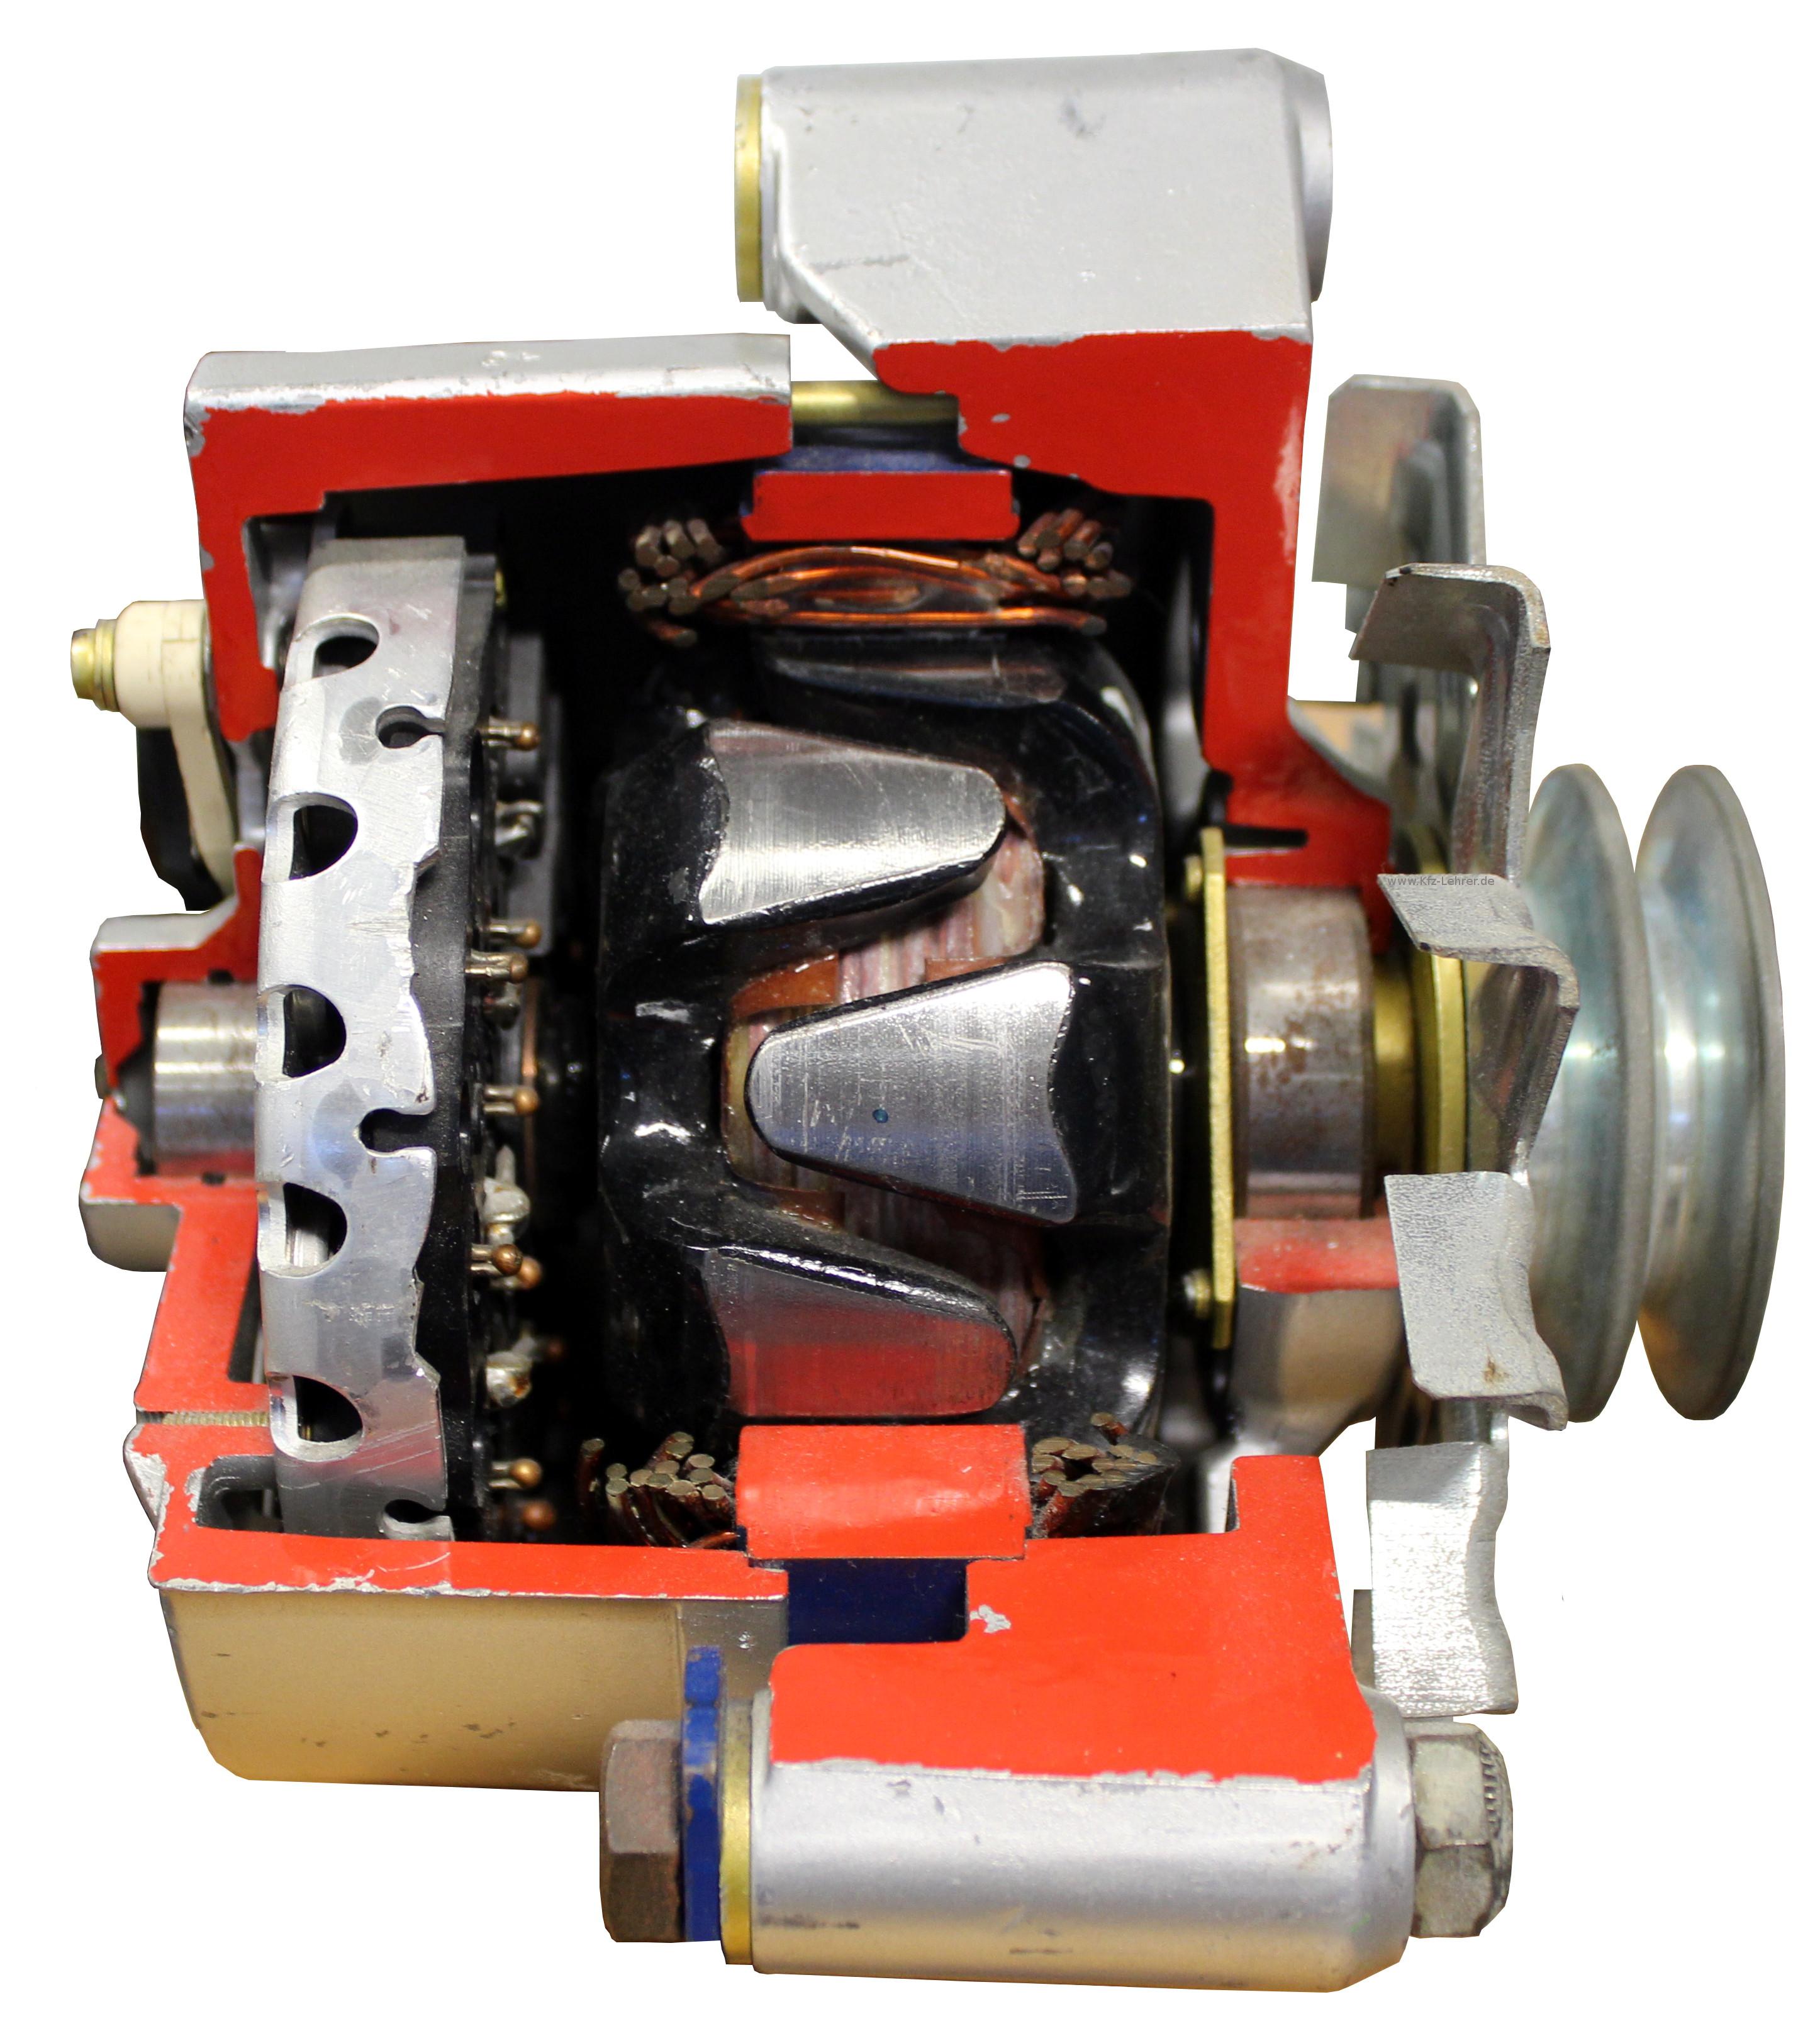 Blick auf das Schnittmodell eines Drehstromgenerators